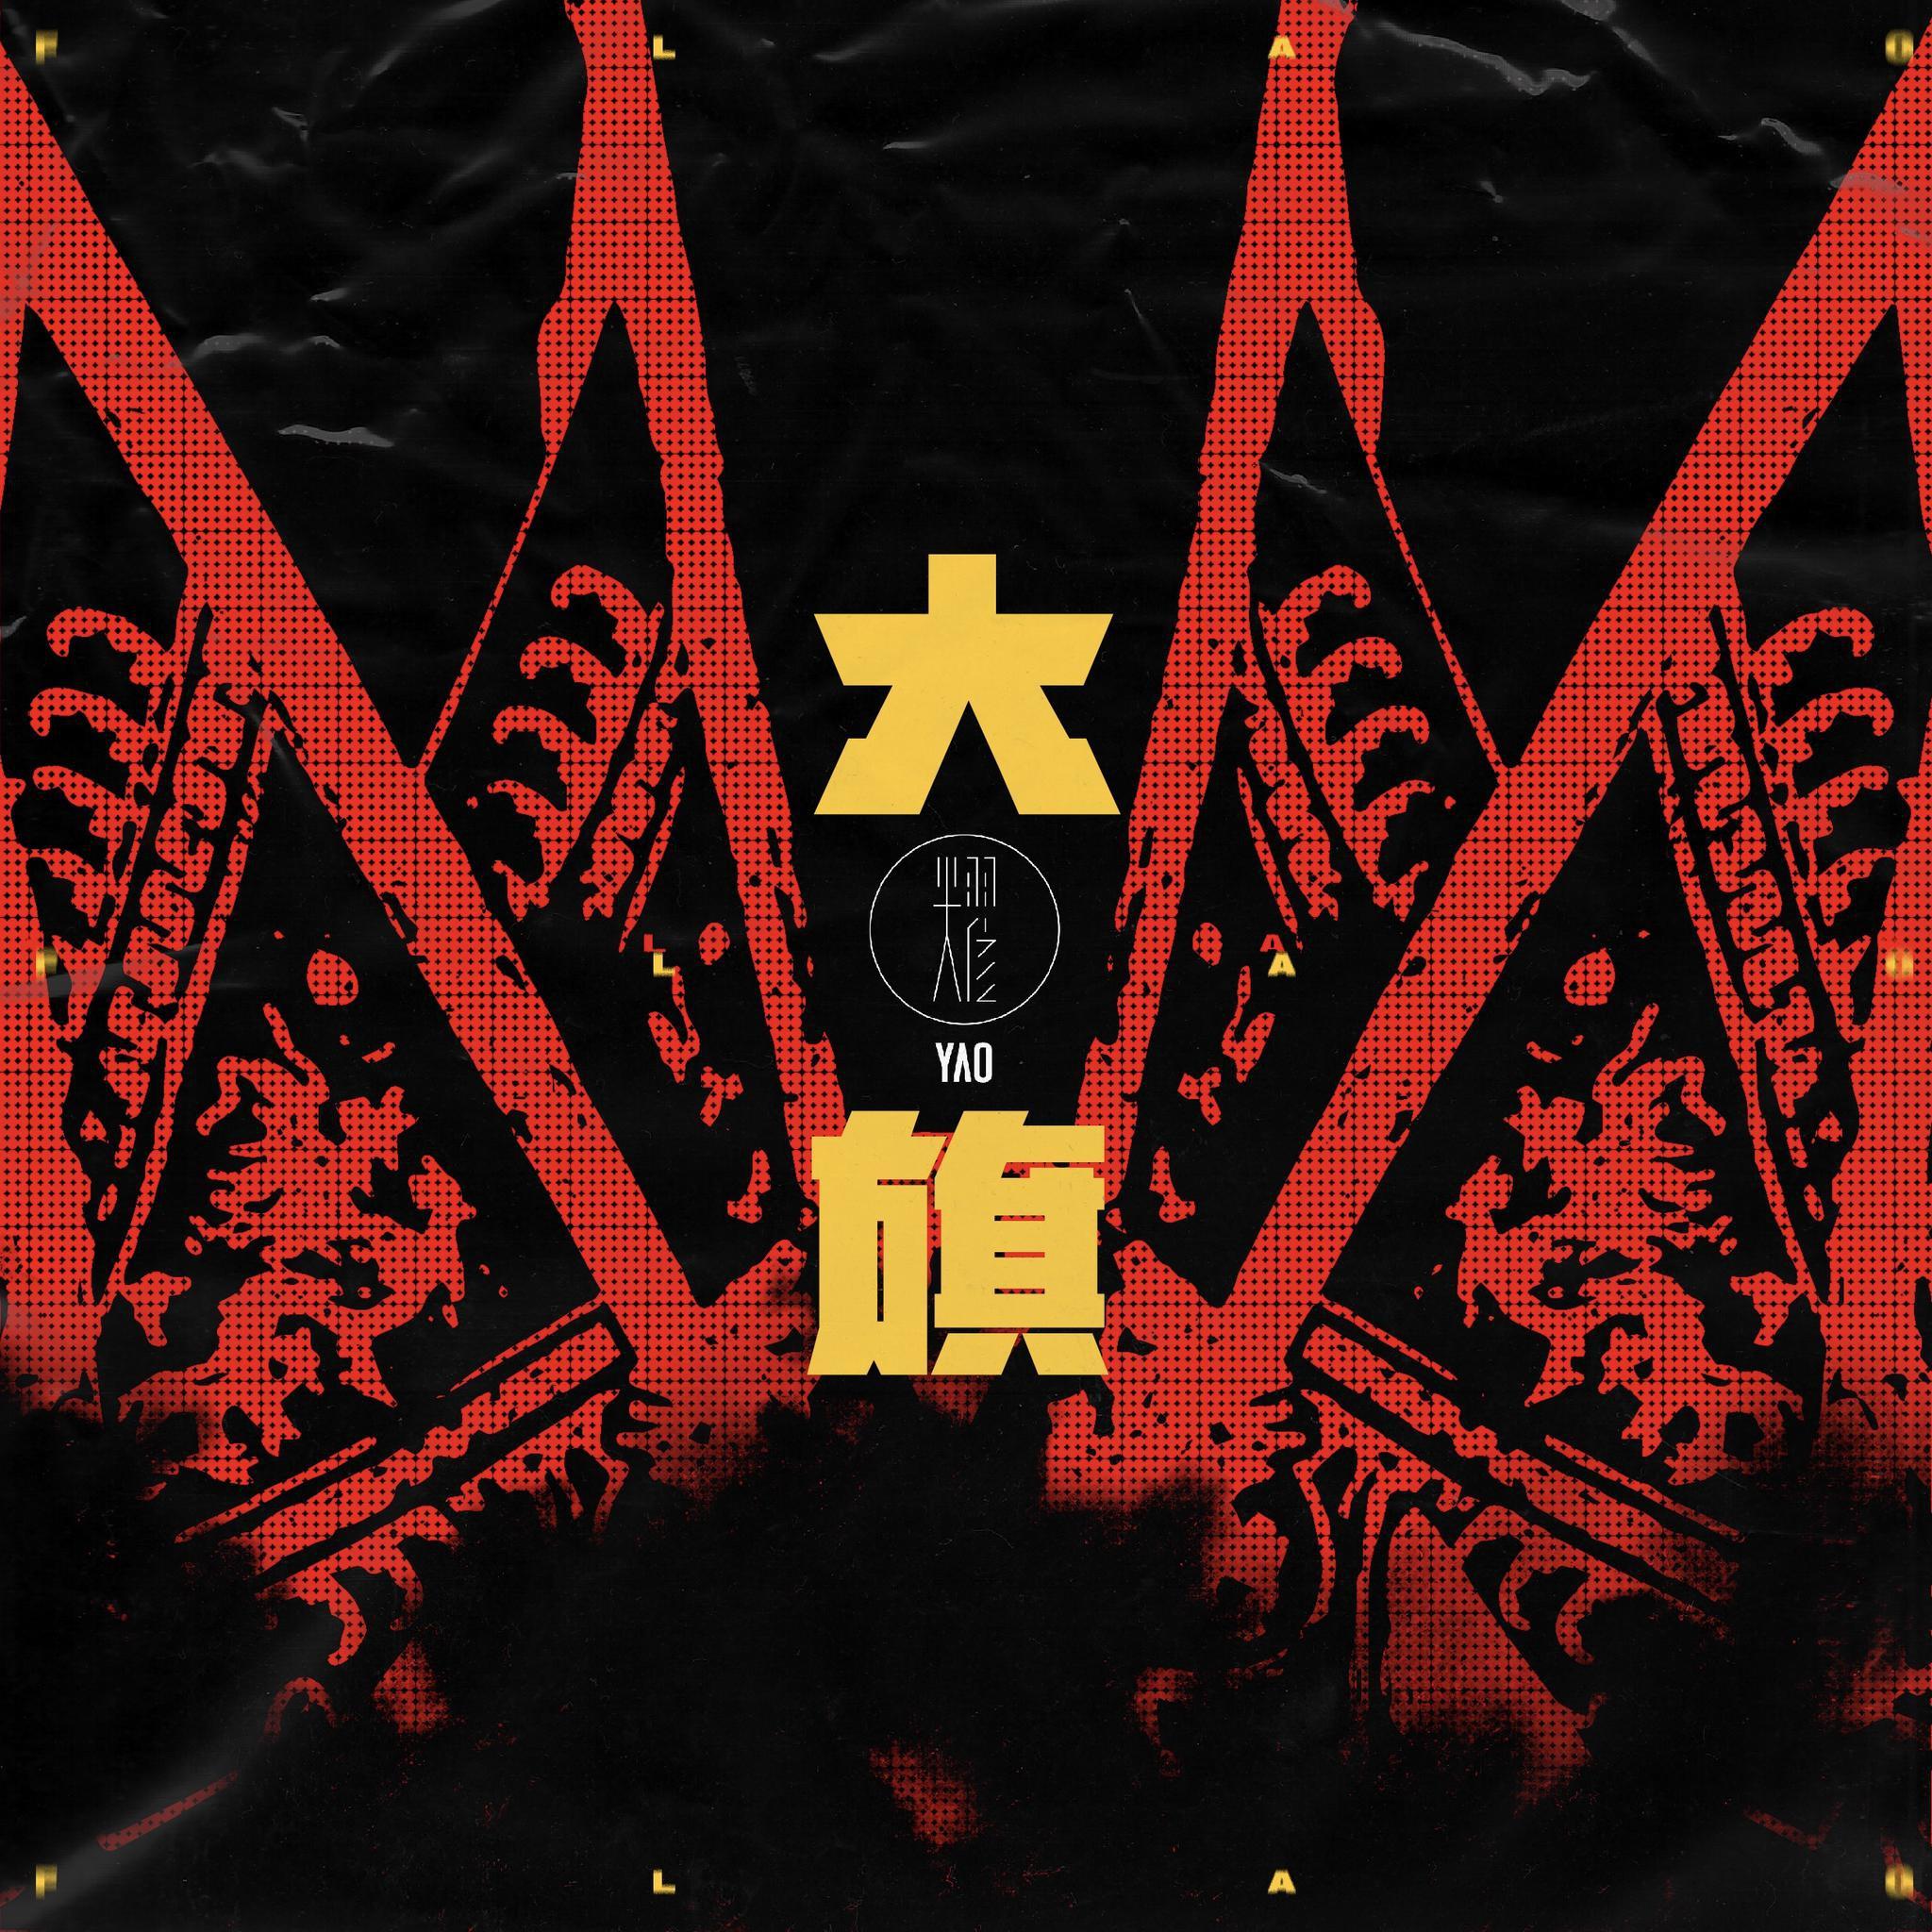 耀乐团2020回归曲《大旗》上线 携手京剧名家谭正岩